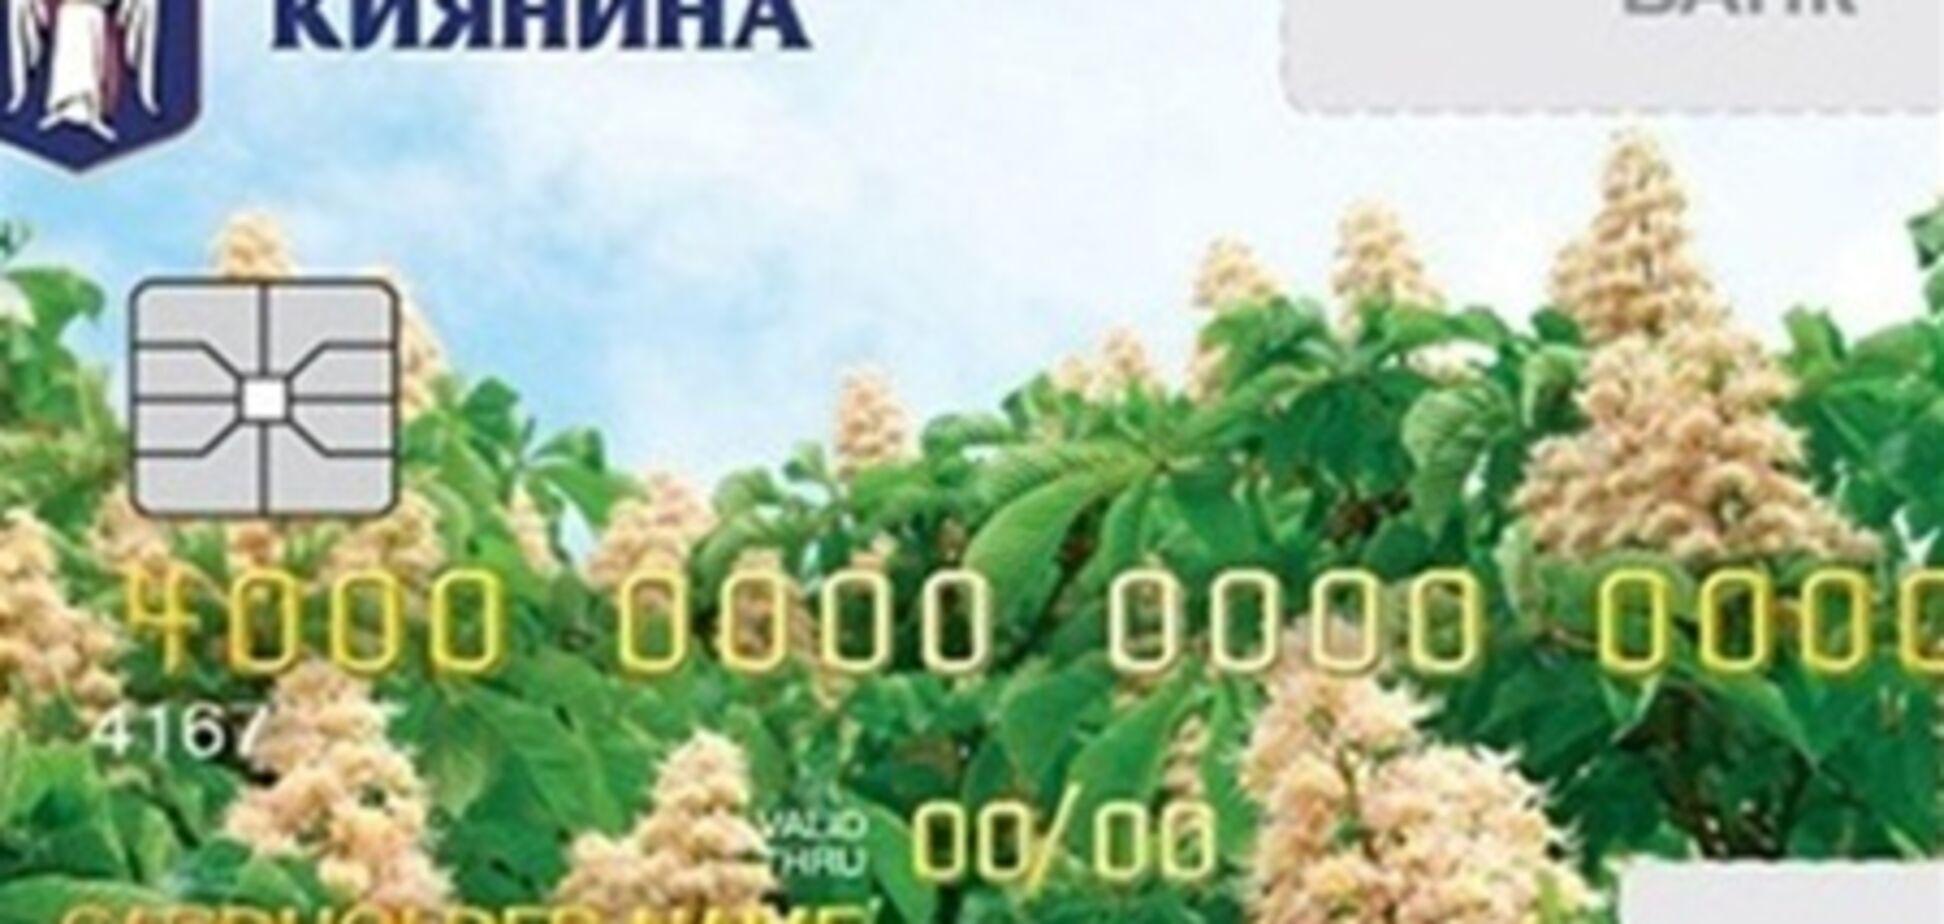 На «Карточку киевлянина» будут перечислять соцвыплаты